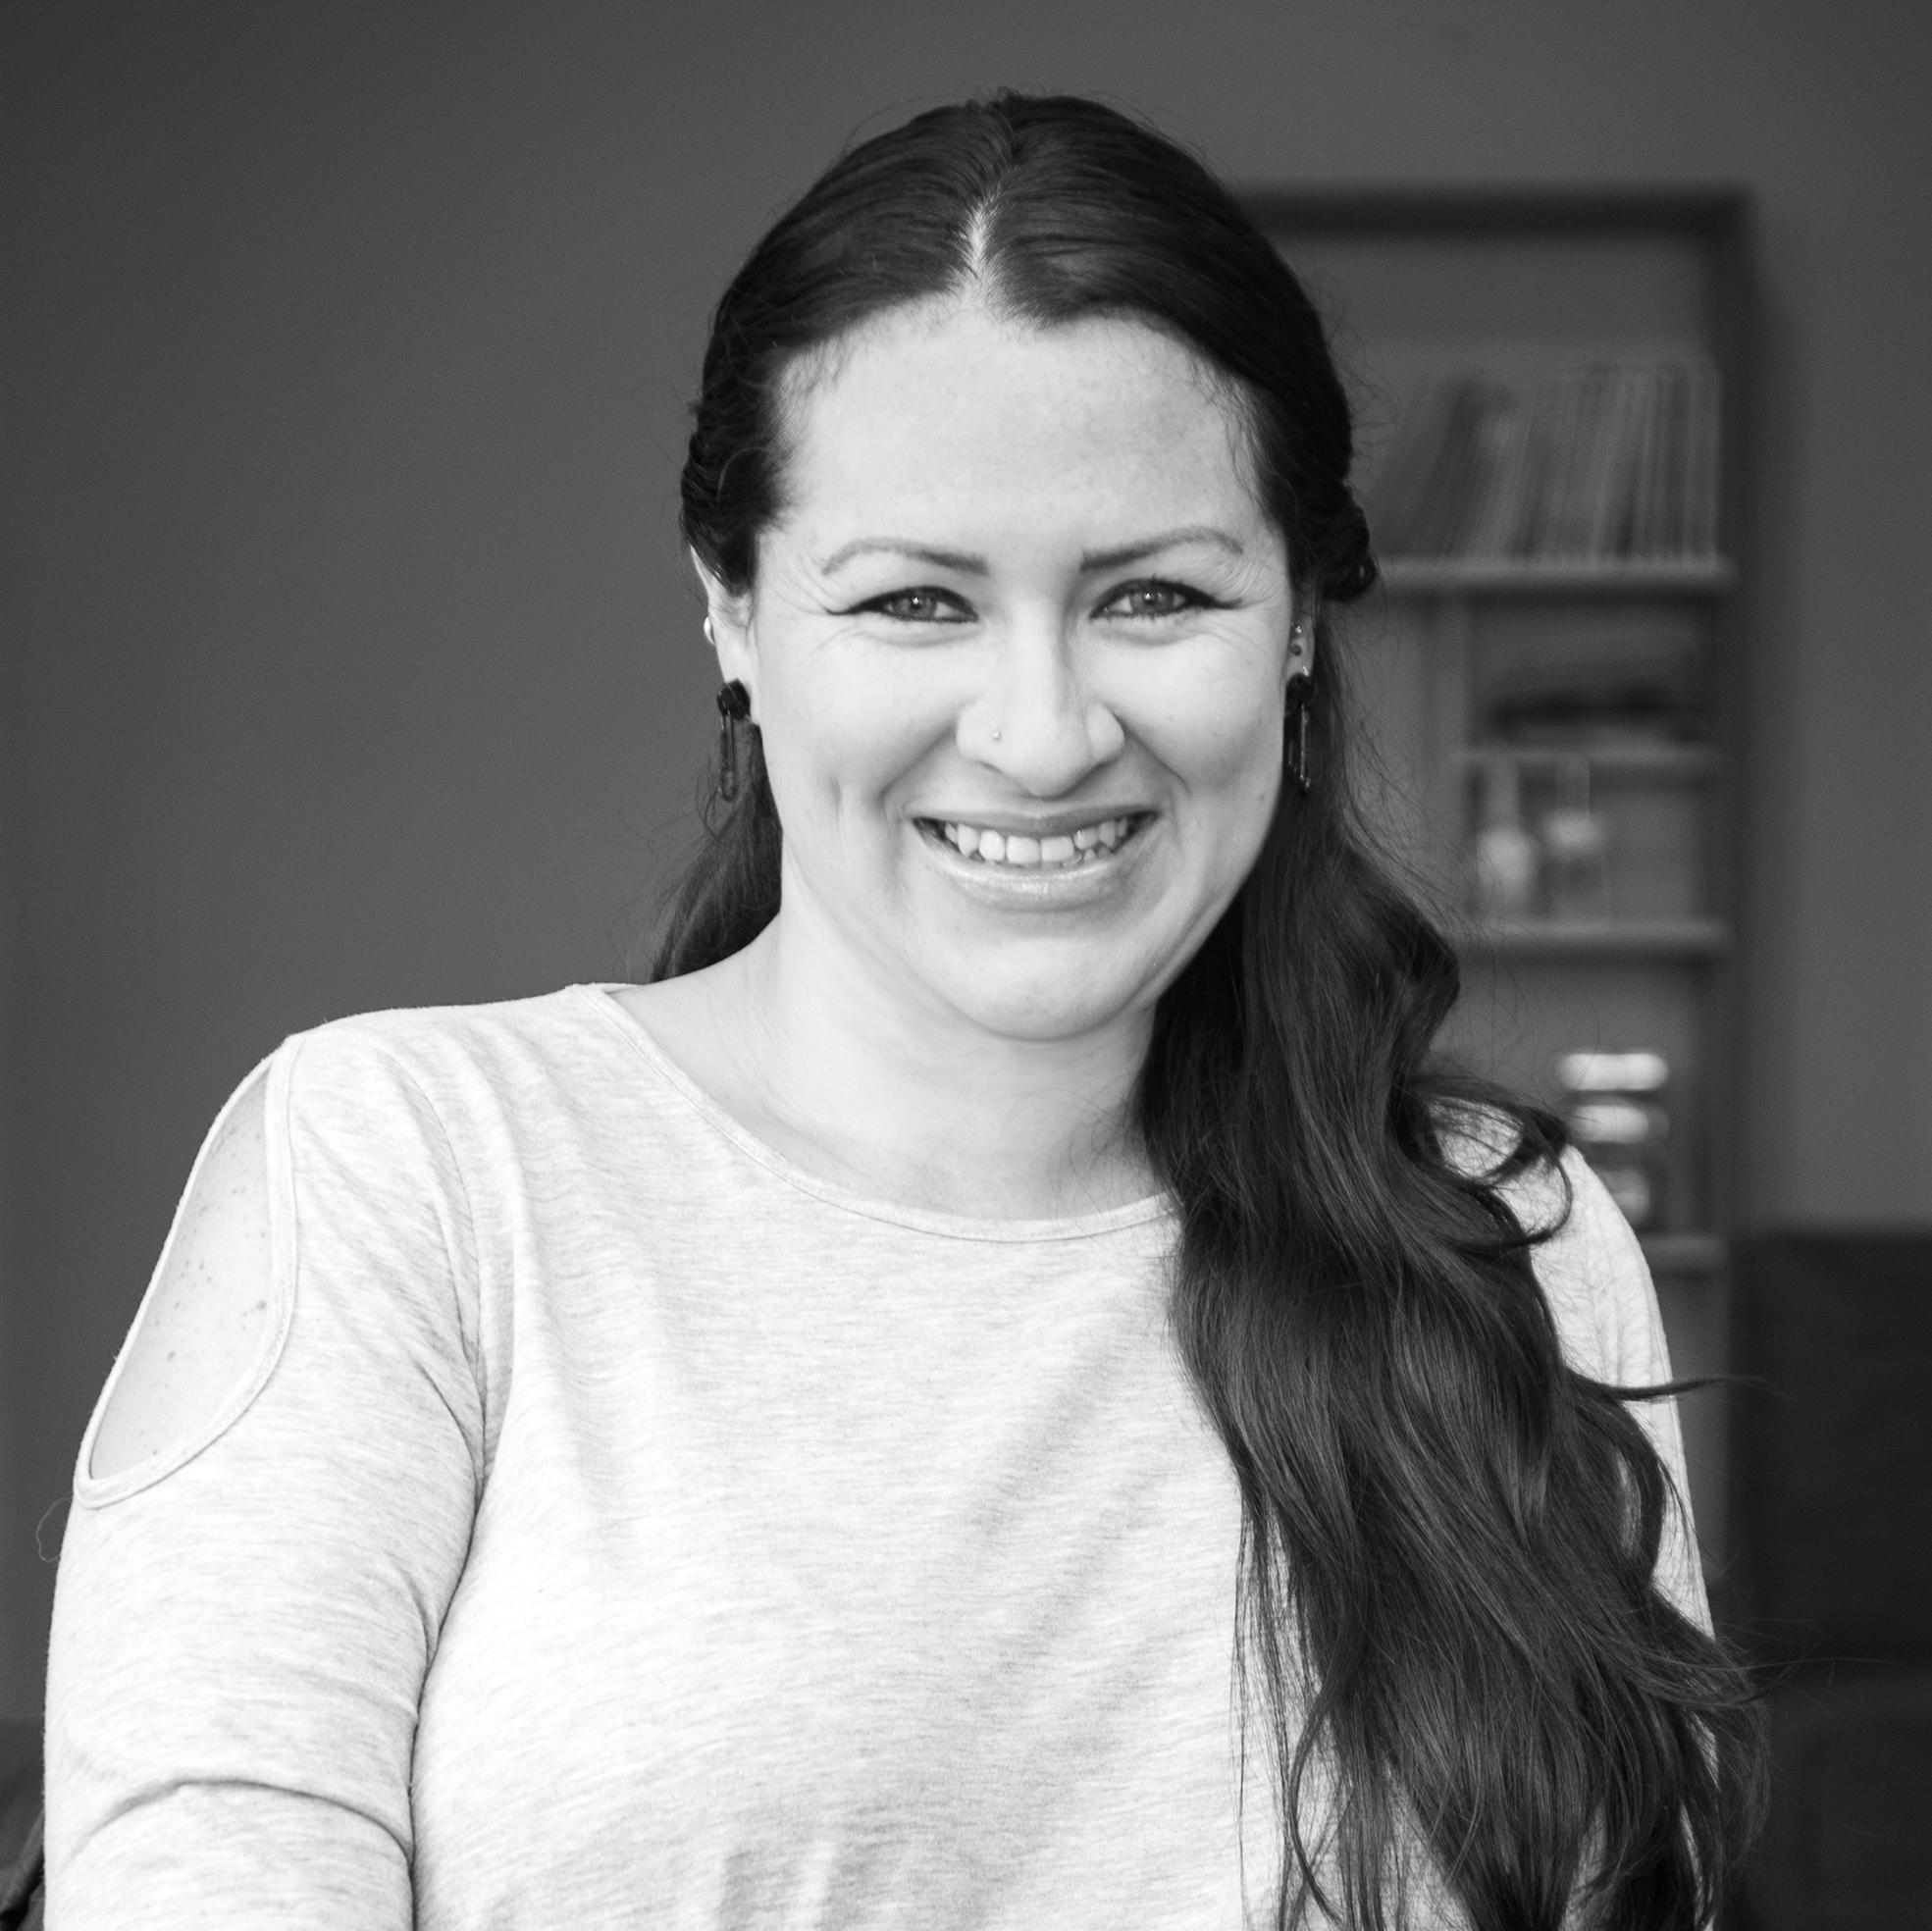 DIANA REDÍN  Diana fusiona en Ziette el conocimiento de sus dos carreras: Administración de Empresas mención Marketing de la UDLA e Ingeniería en Mercadotecnia de la UIDE. De la misma manera aplica también sus conocimientos a sus otras pasiones como la lucha y trabajo diario por la liberación animal y grupos que han sido vulnerados en sus derechos.